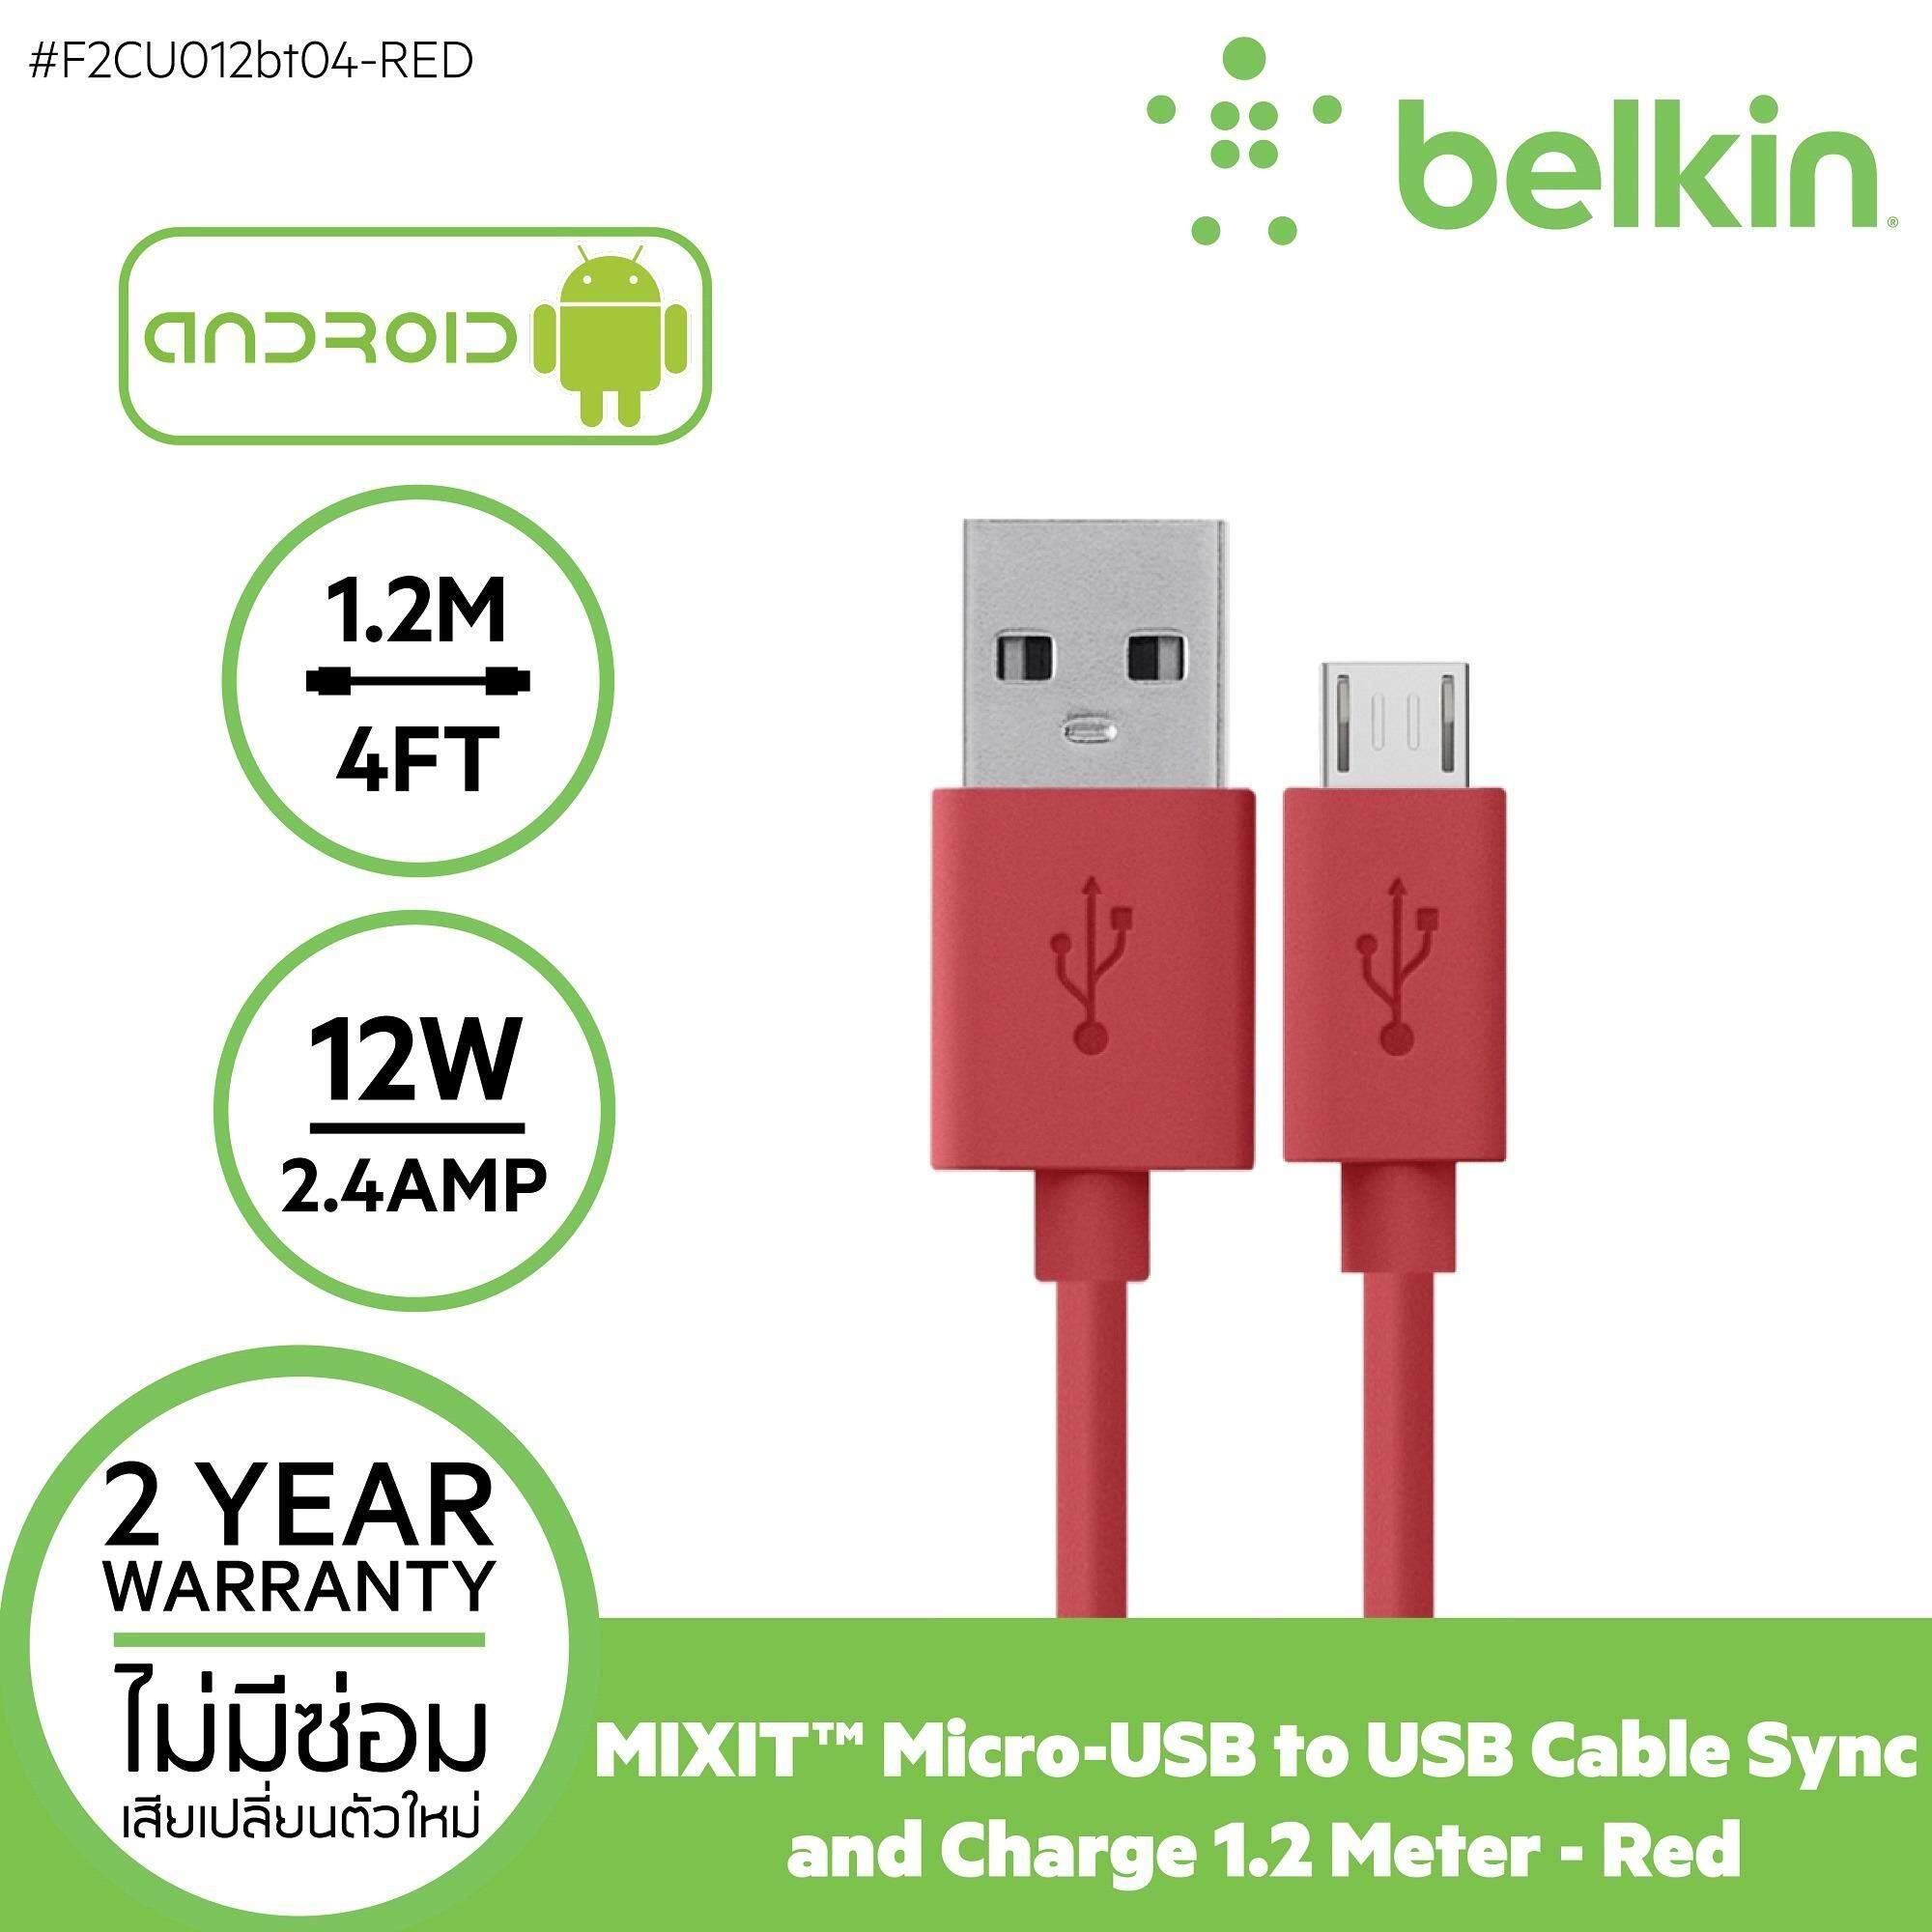 โปรโมชั่น Belkin สายชาร์จ ไมโคร ยูเอสบี 1 2 เมตร สำหรับแอนดรอยด์ ซัมซุง แบตเตอรี่สำรอง เบลคิน Belkin Mixit↑™ Micro Usb Chargesync Cable F2Cu012Bt04 Red ใน กรุงเทพมหานคร